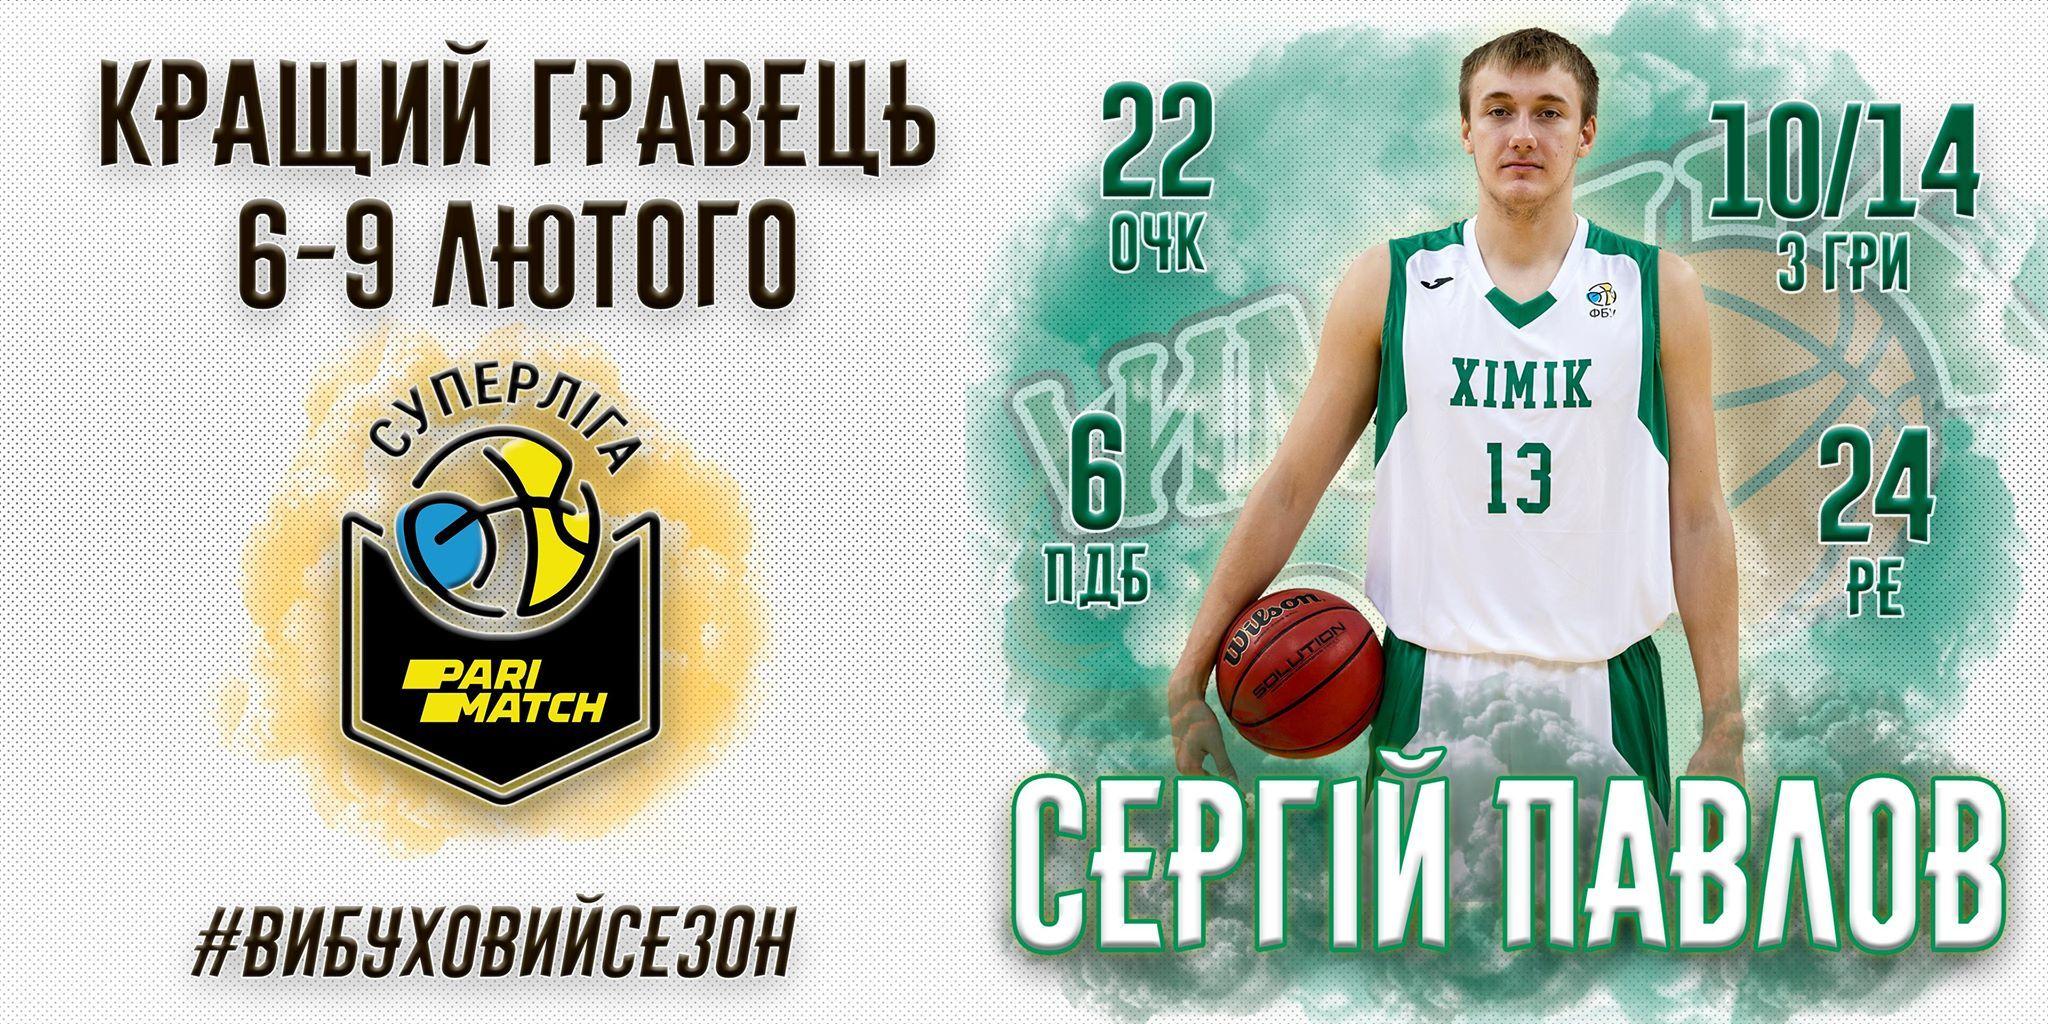 Найкращим гравцем тижня став «хімік» Сергій Павлов